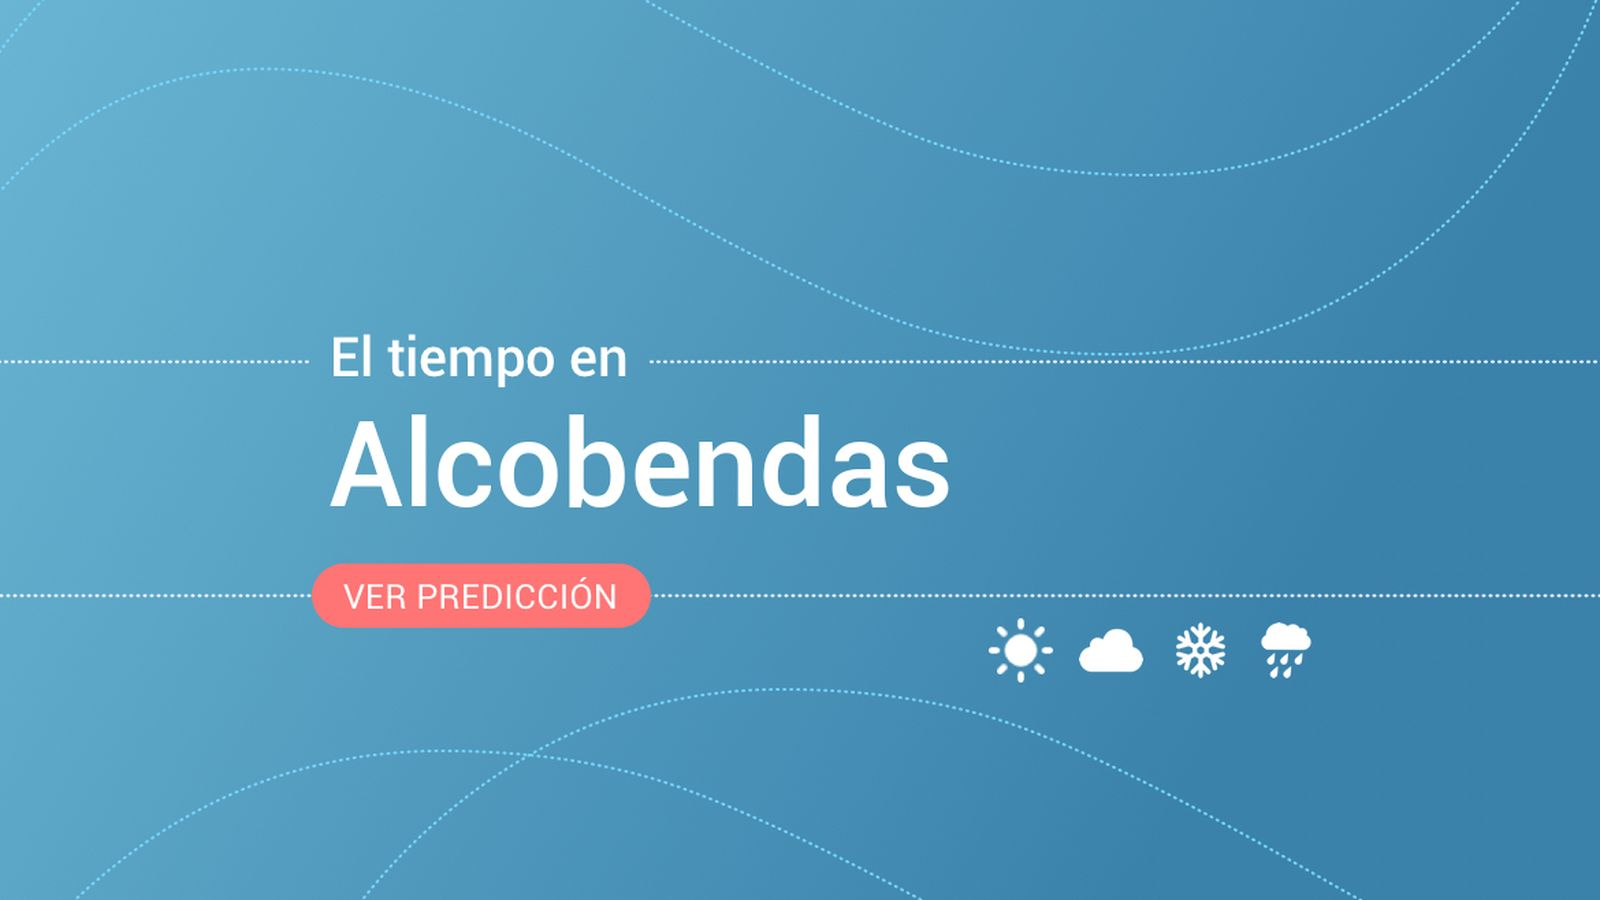 Foto: El tiempo en Alcobendas. (EC)